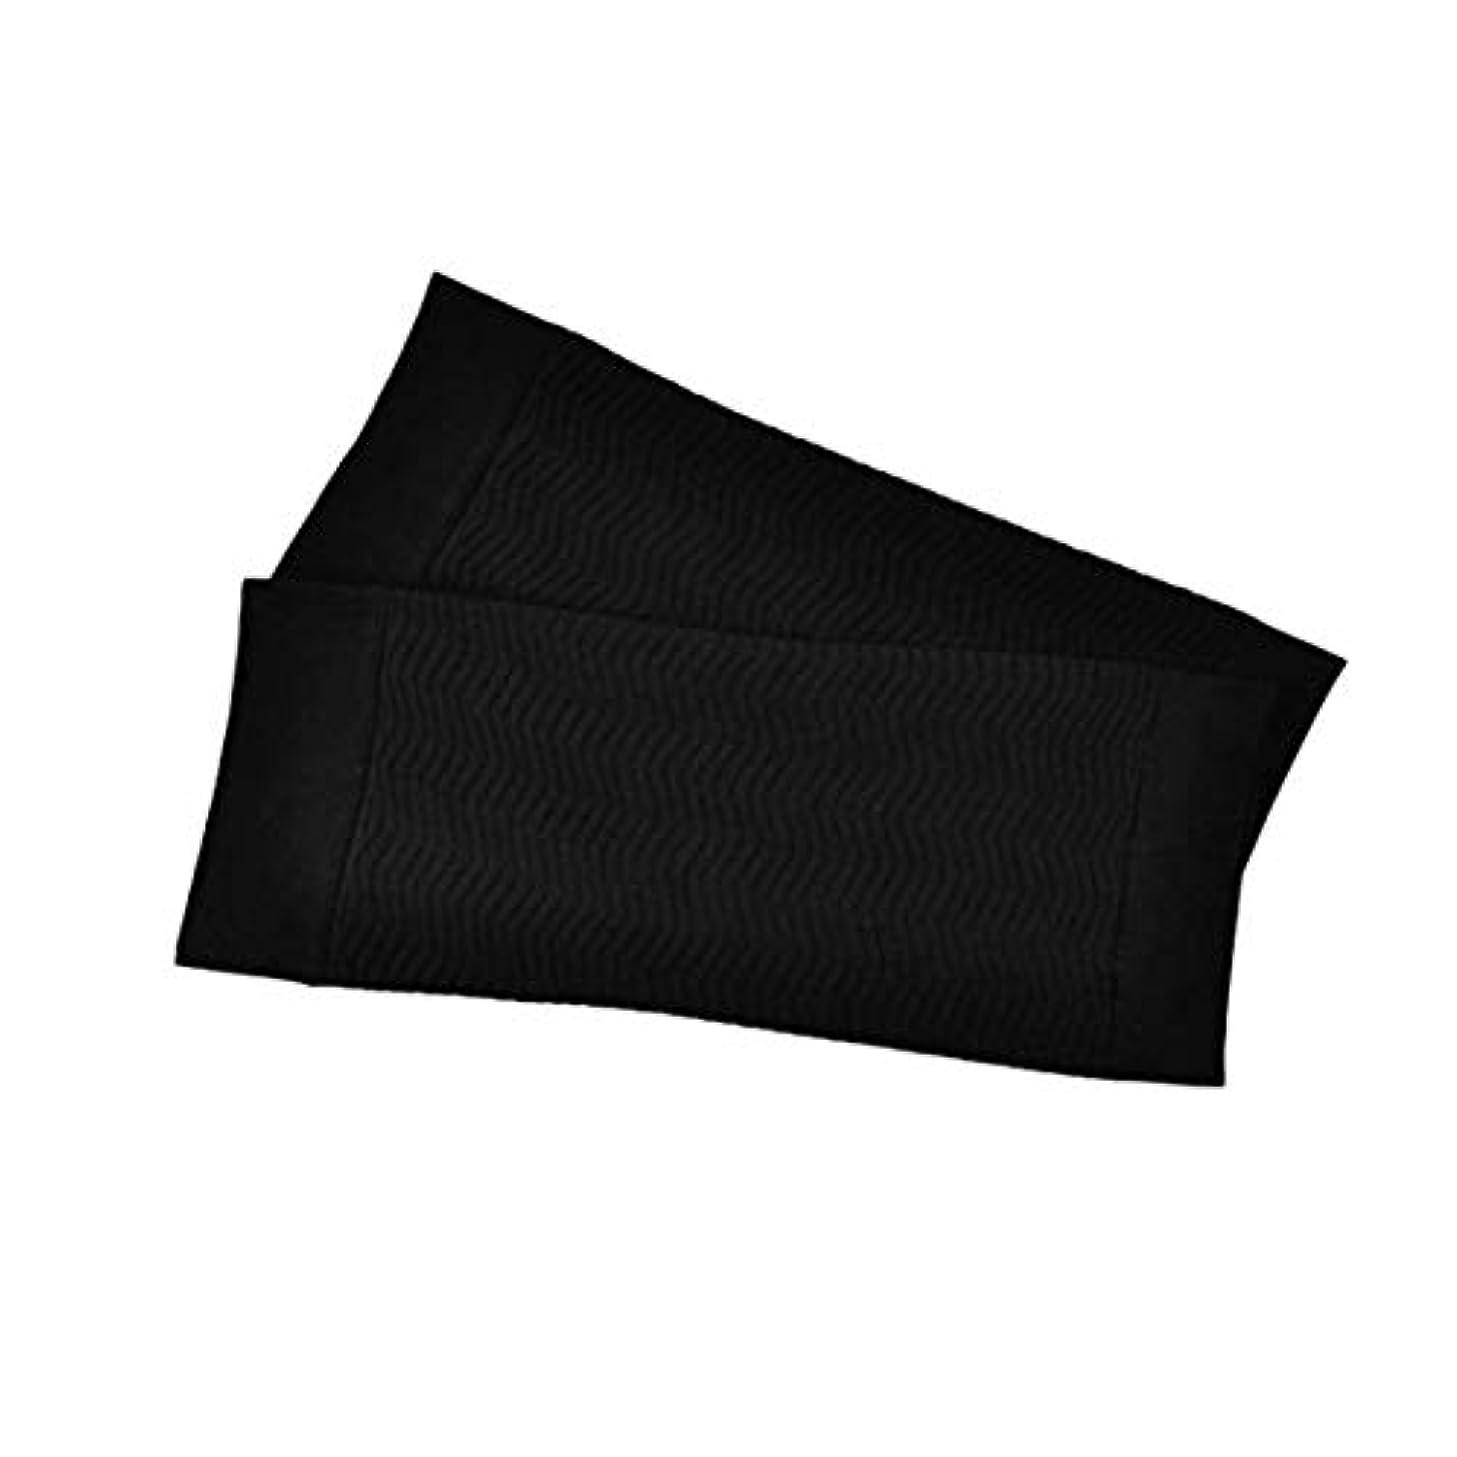 メッセージ弾性合わせて1ペア680 D圧縮アームシェイパーワークアウトトーニングバーンセルライトスリミングアームスリーブ脂肪燃焼半袖用女性 - ブラック